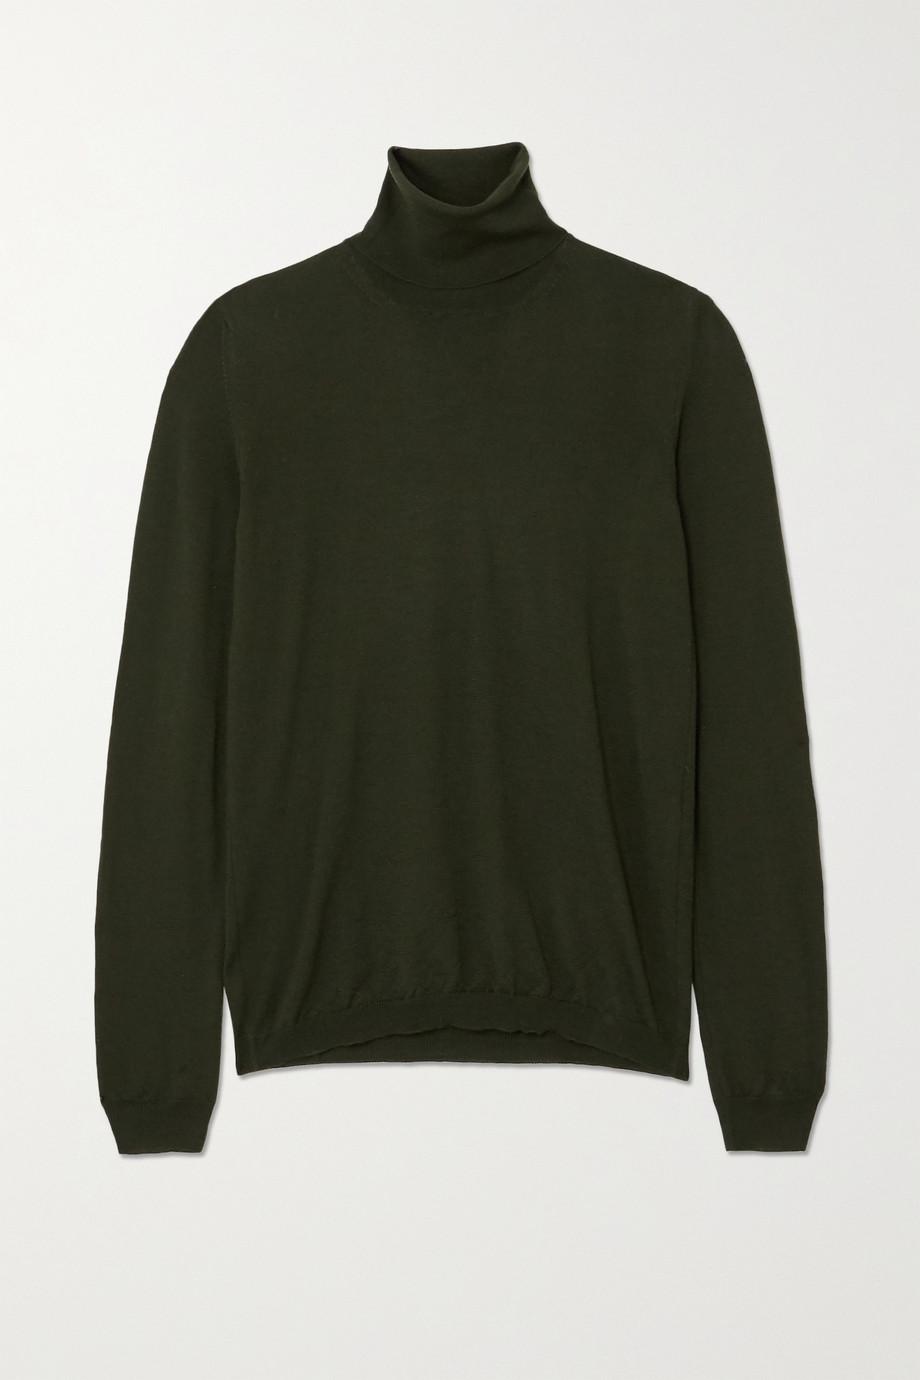 Giuliva Heritage + NET SUSTAIN The Arianna wool turtleneck sweater